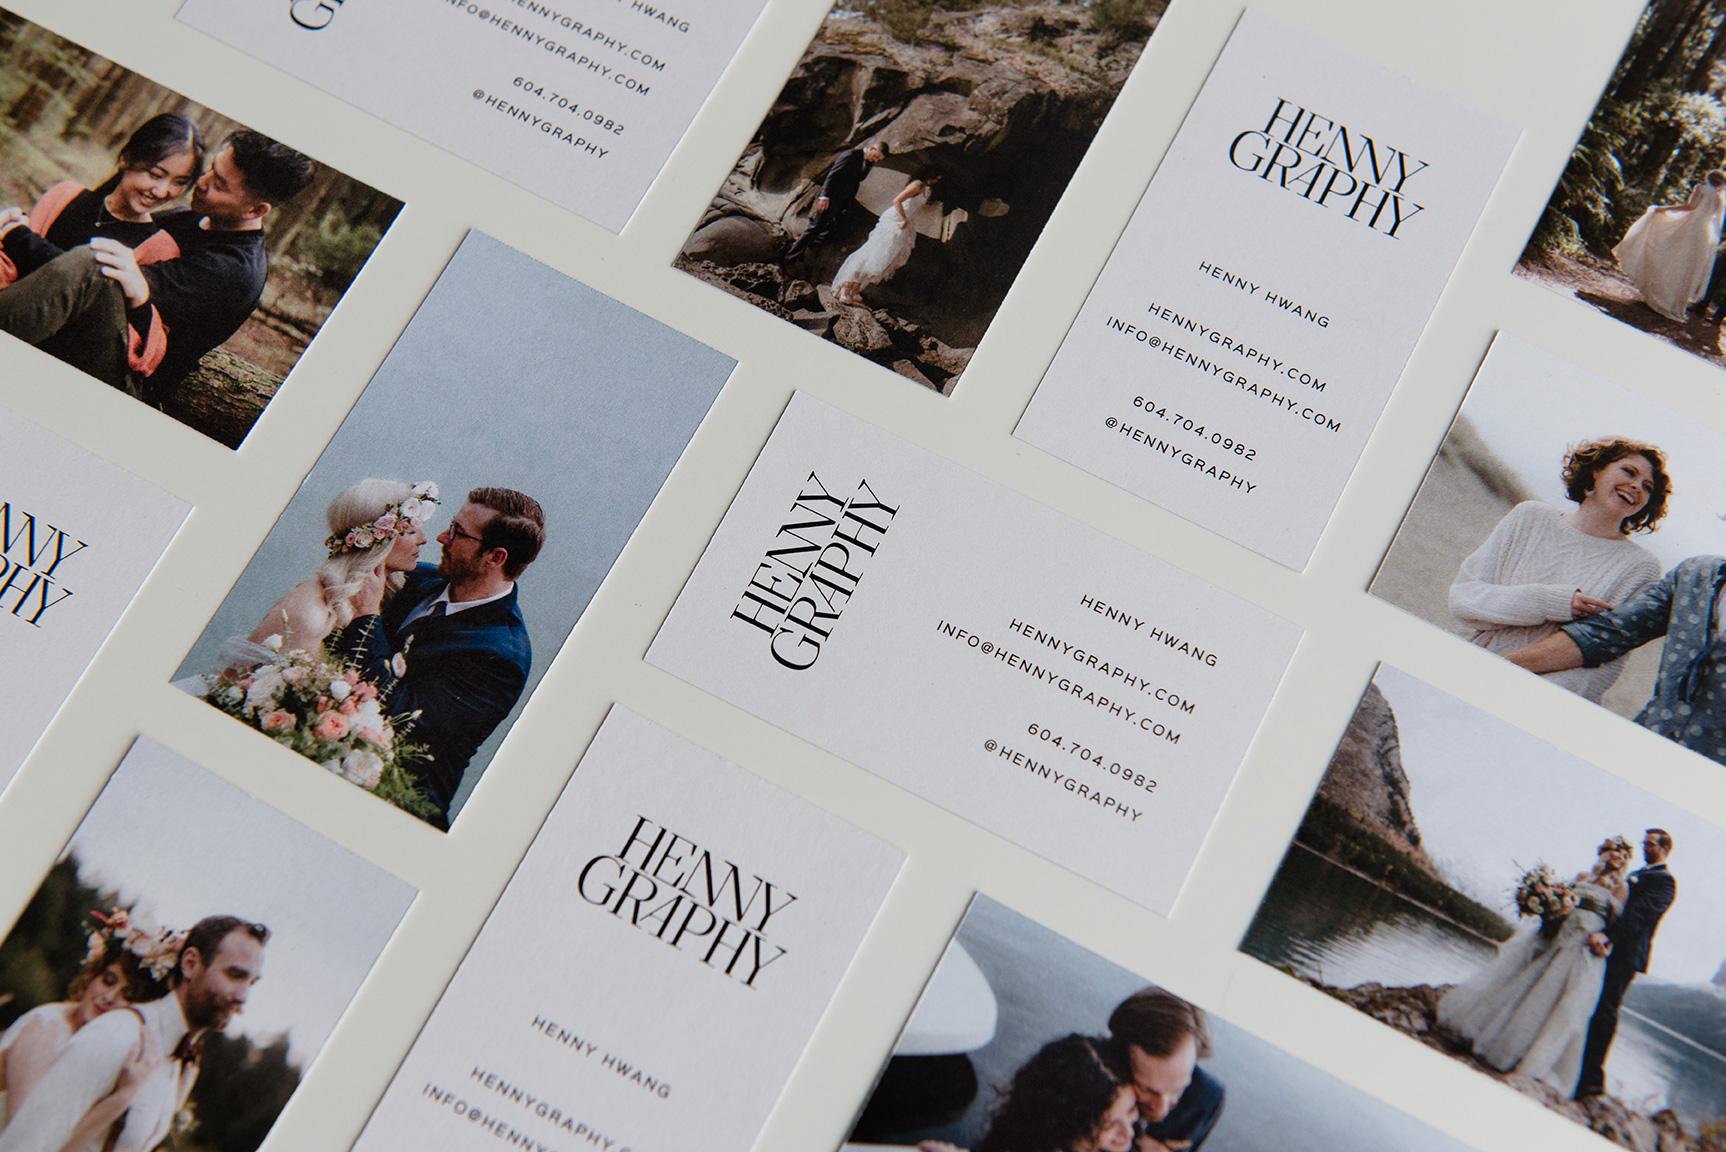 Hennygraphy Business Card print Design | www.alicia-carvalho.com